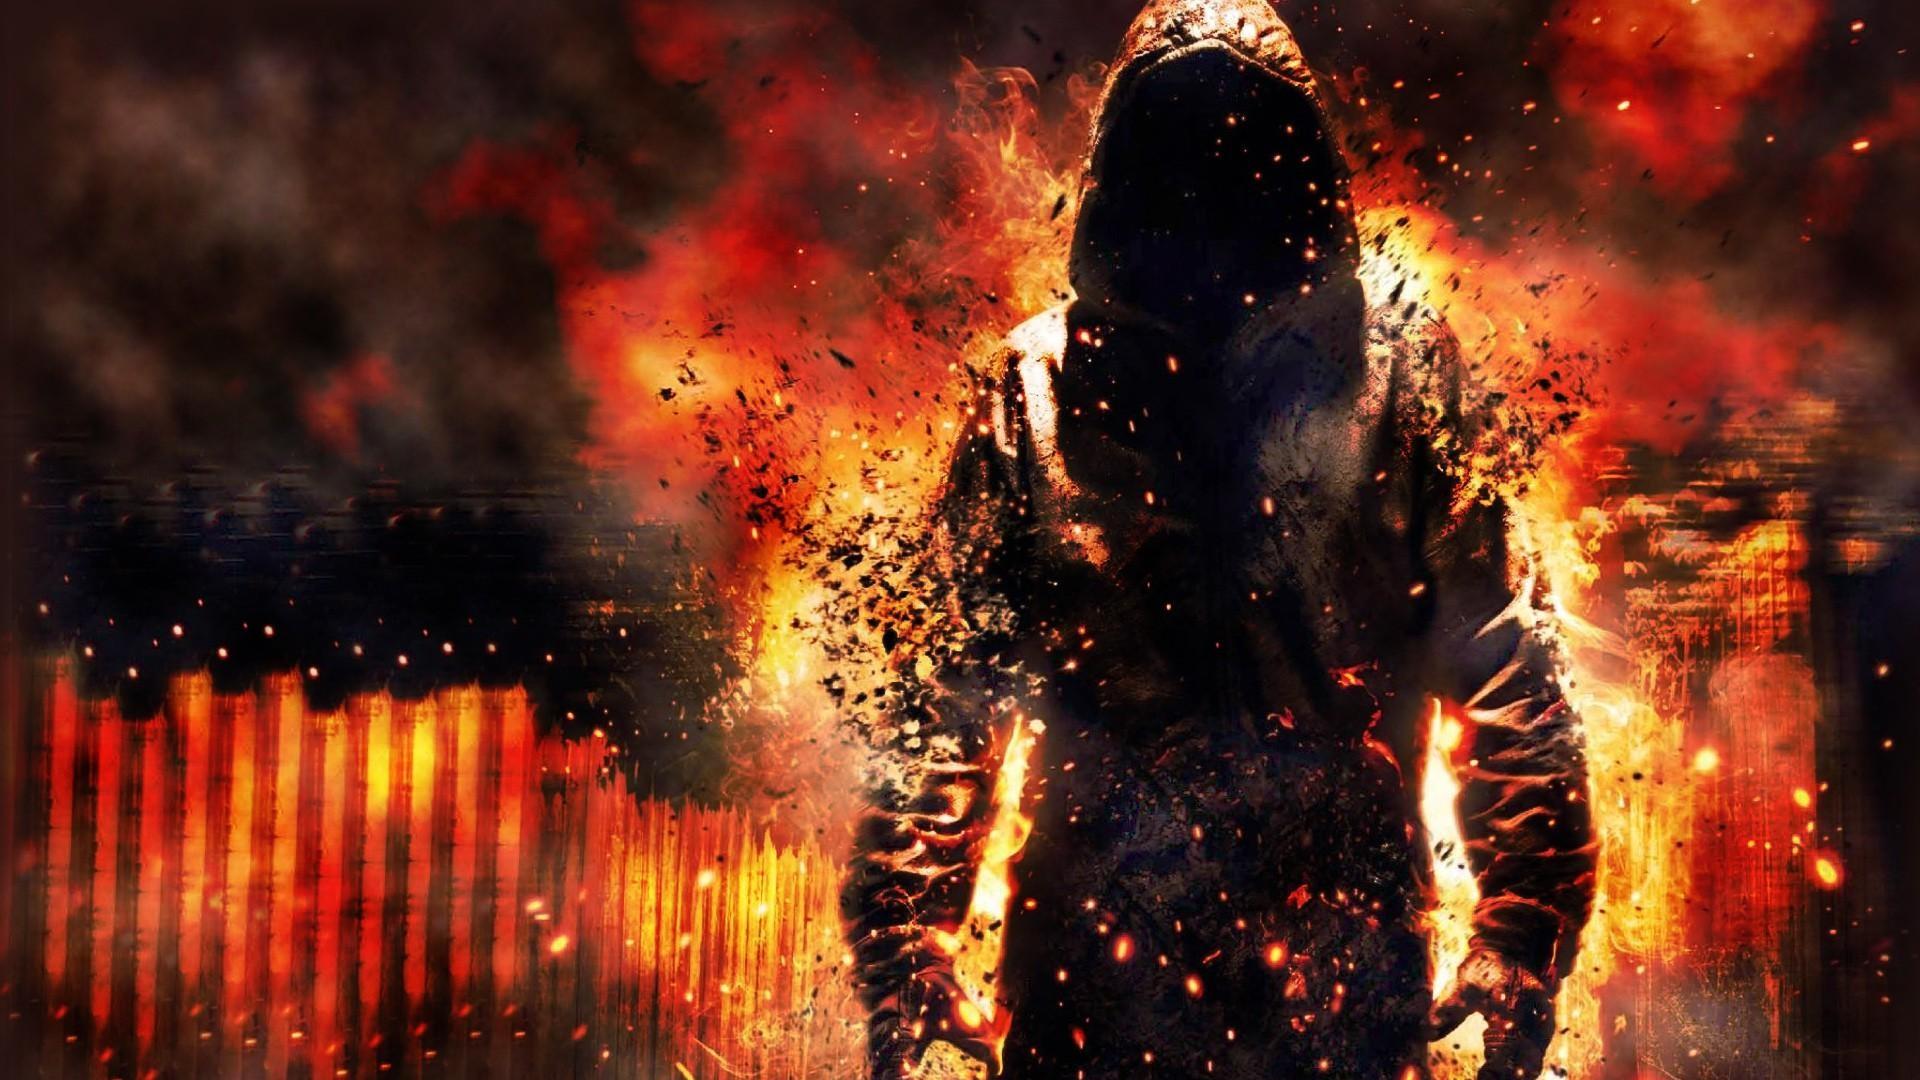 burning man[1920x1080] wallpaper 1920x1080